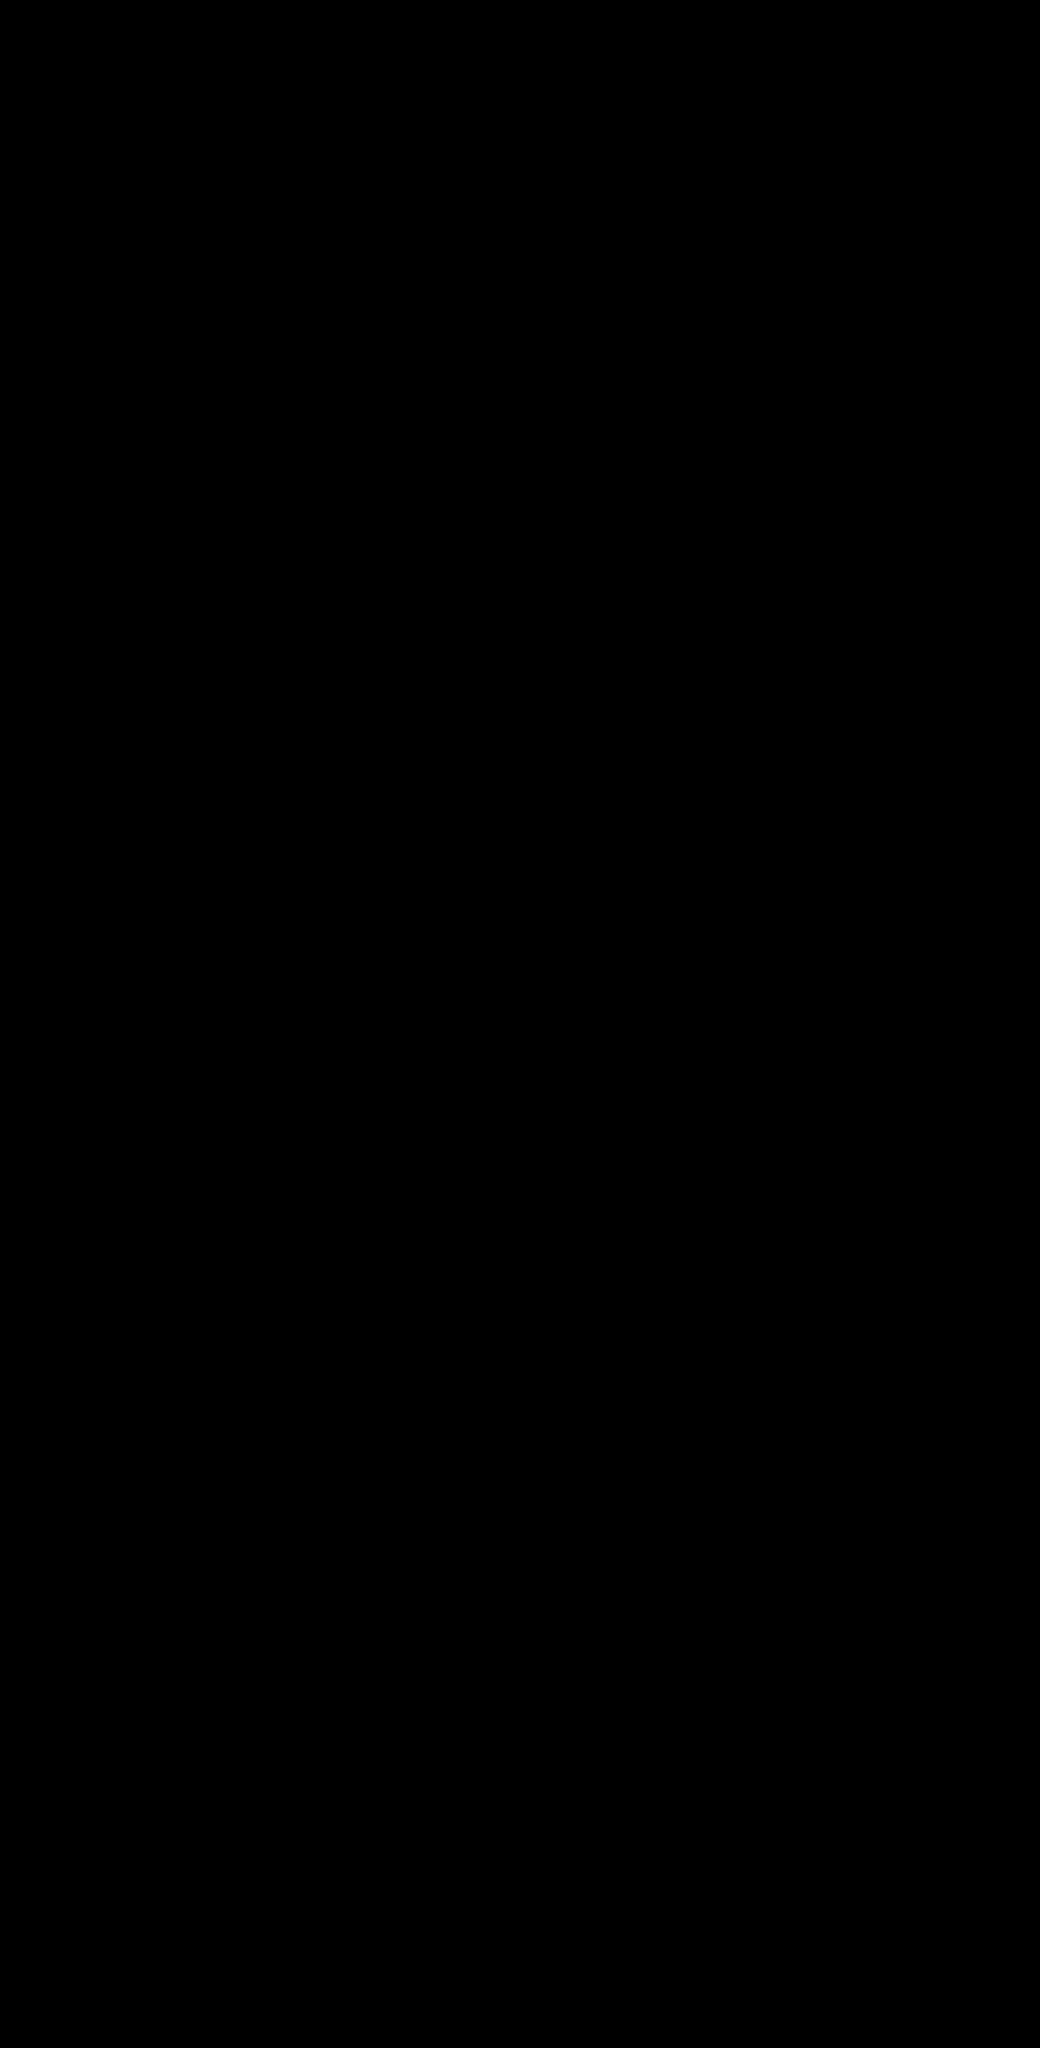 Stencil Silhouette